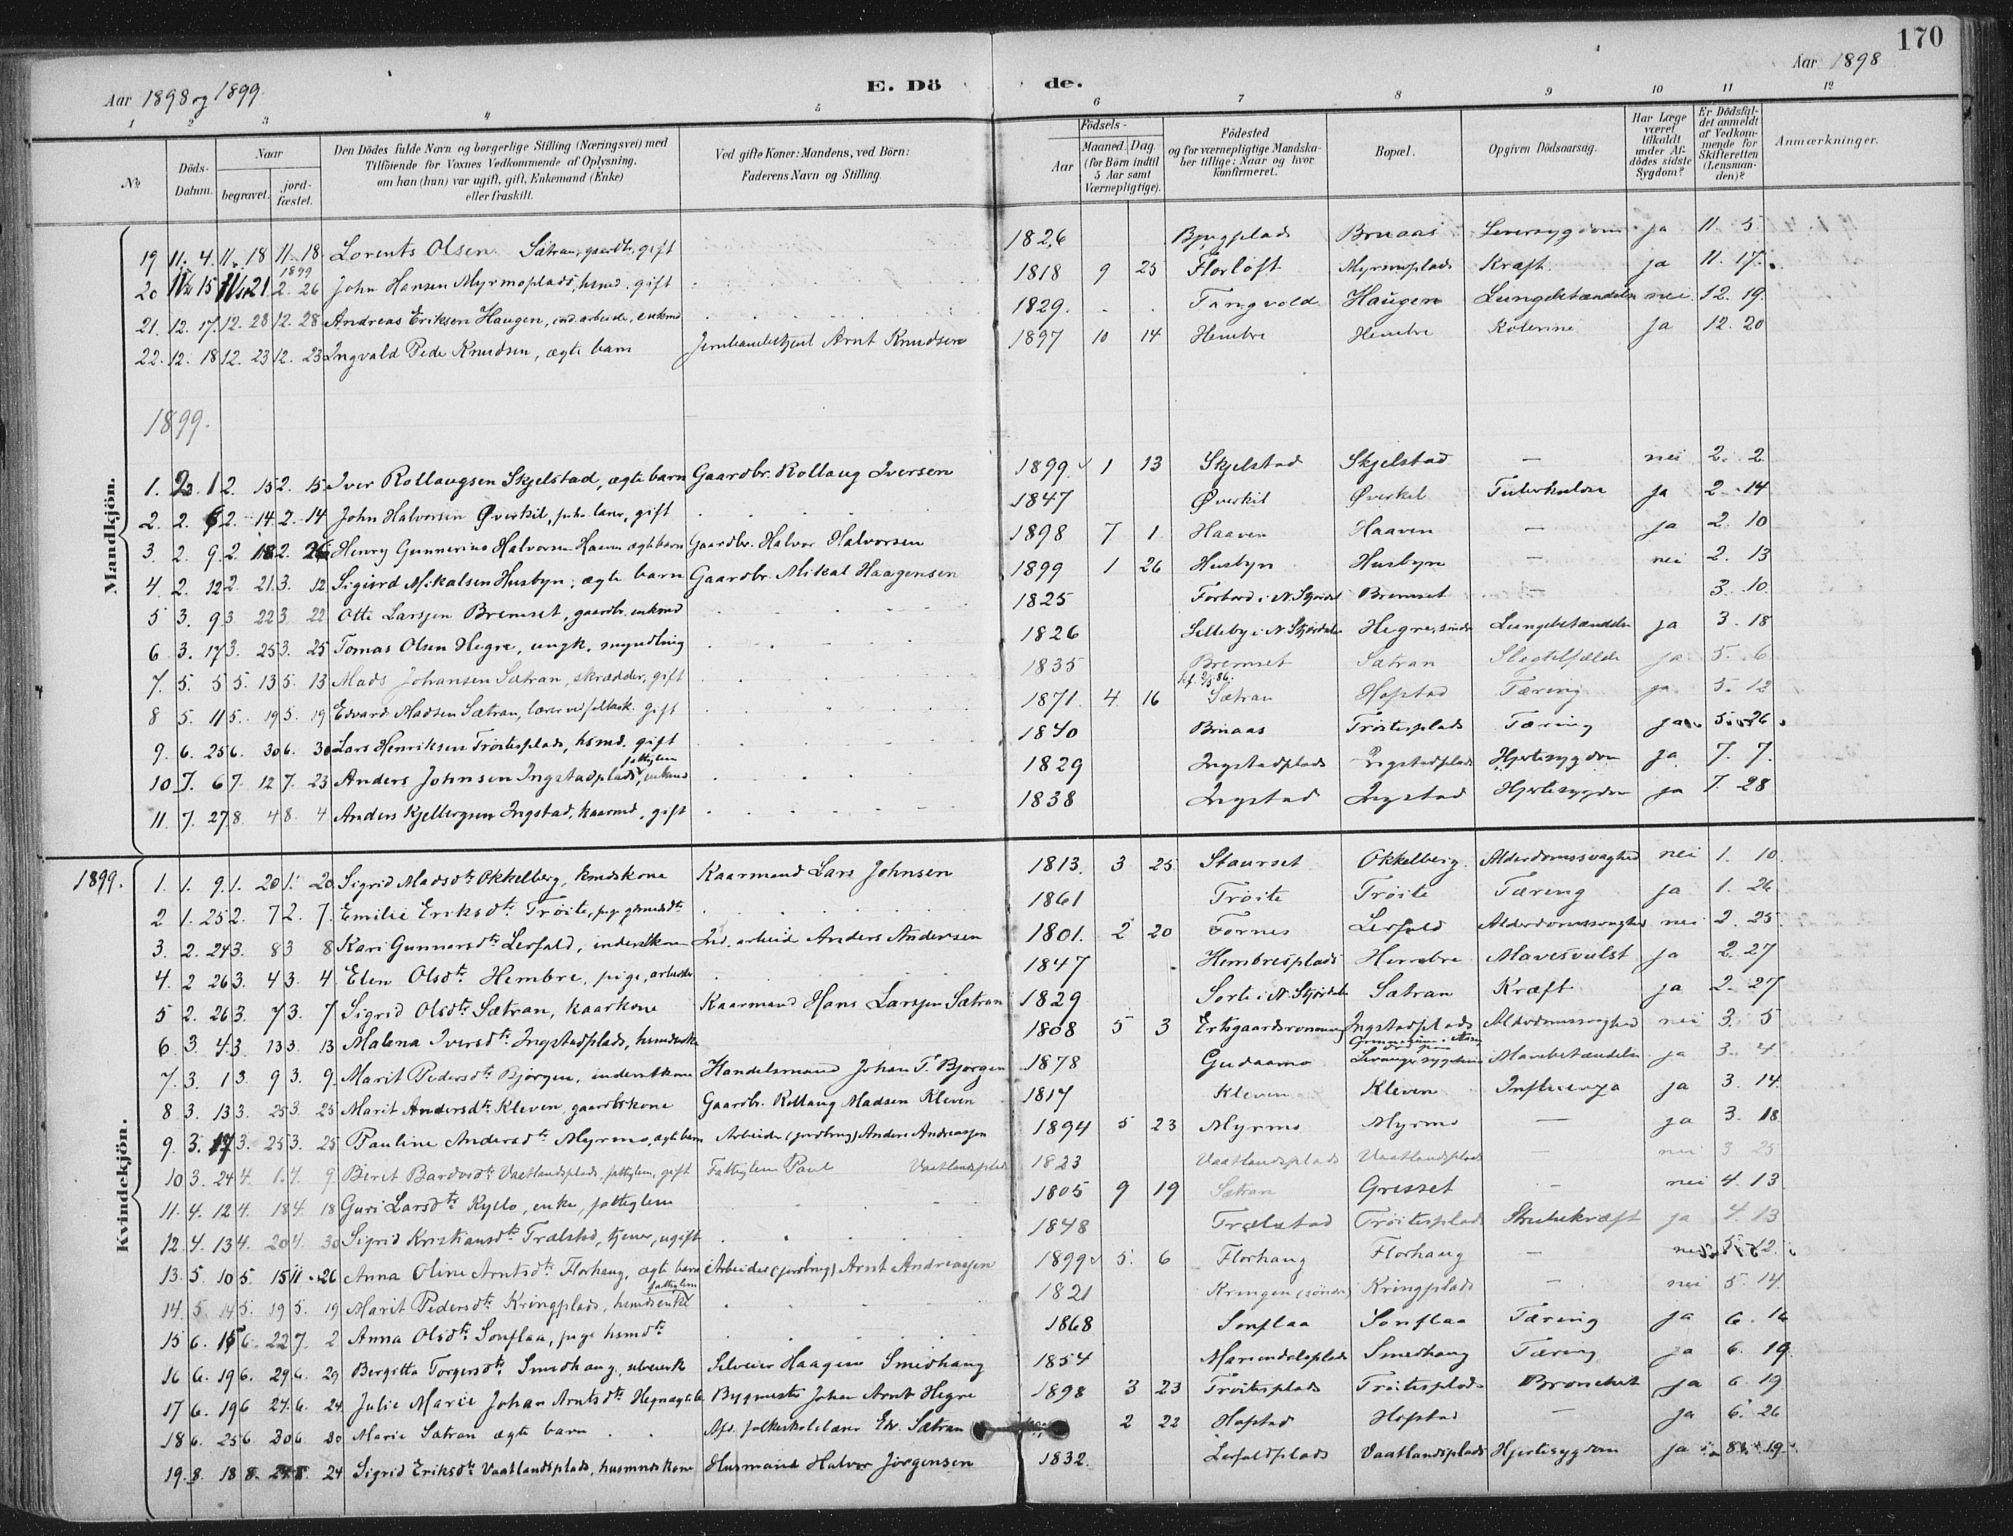 SAT, Ministerialprotokoller, klokkerbøker og fødselsregistre - Nord-Trøndelag, 703/L0031: Ministerialbok nr. 703A04, 1893-1914, s. 170